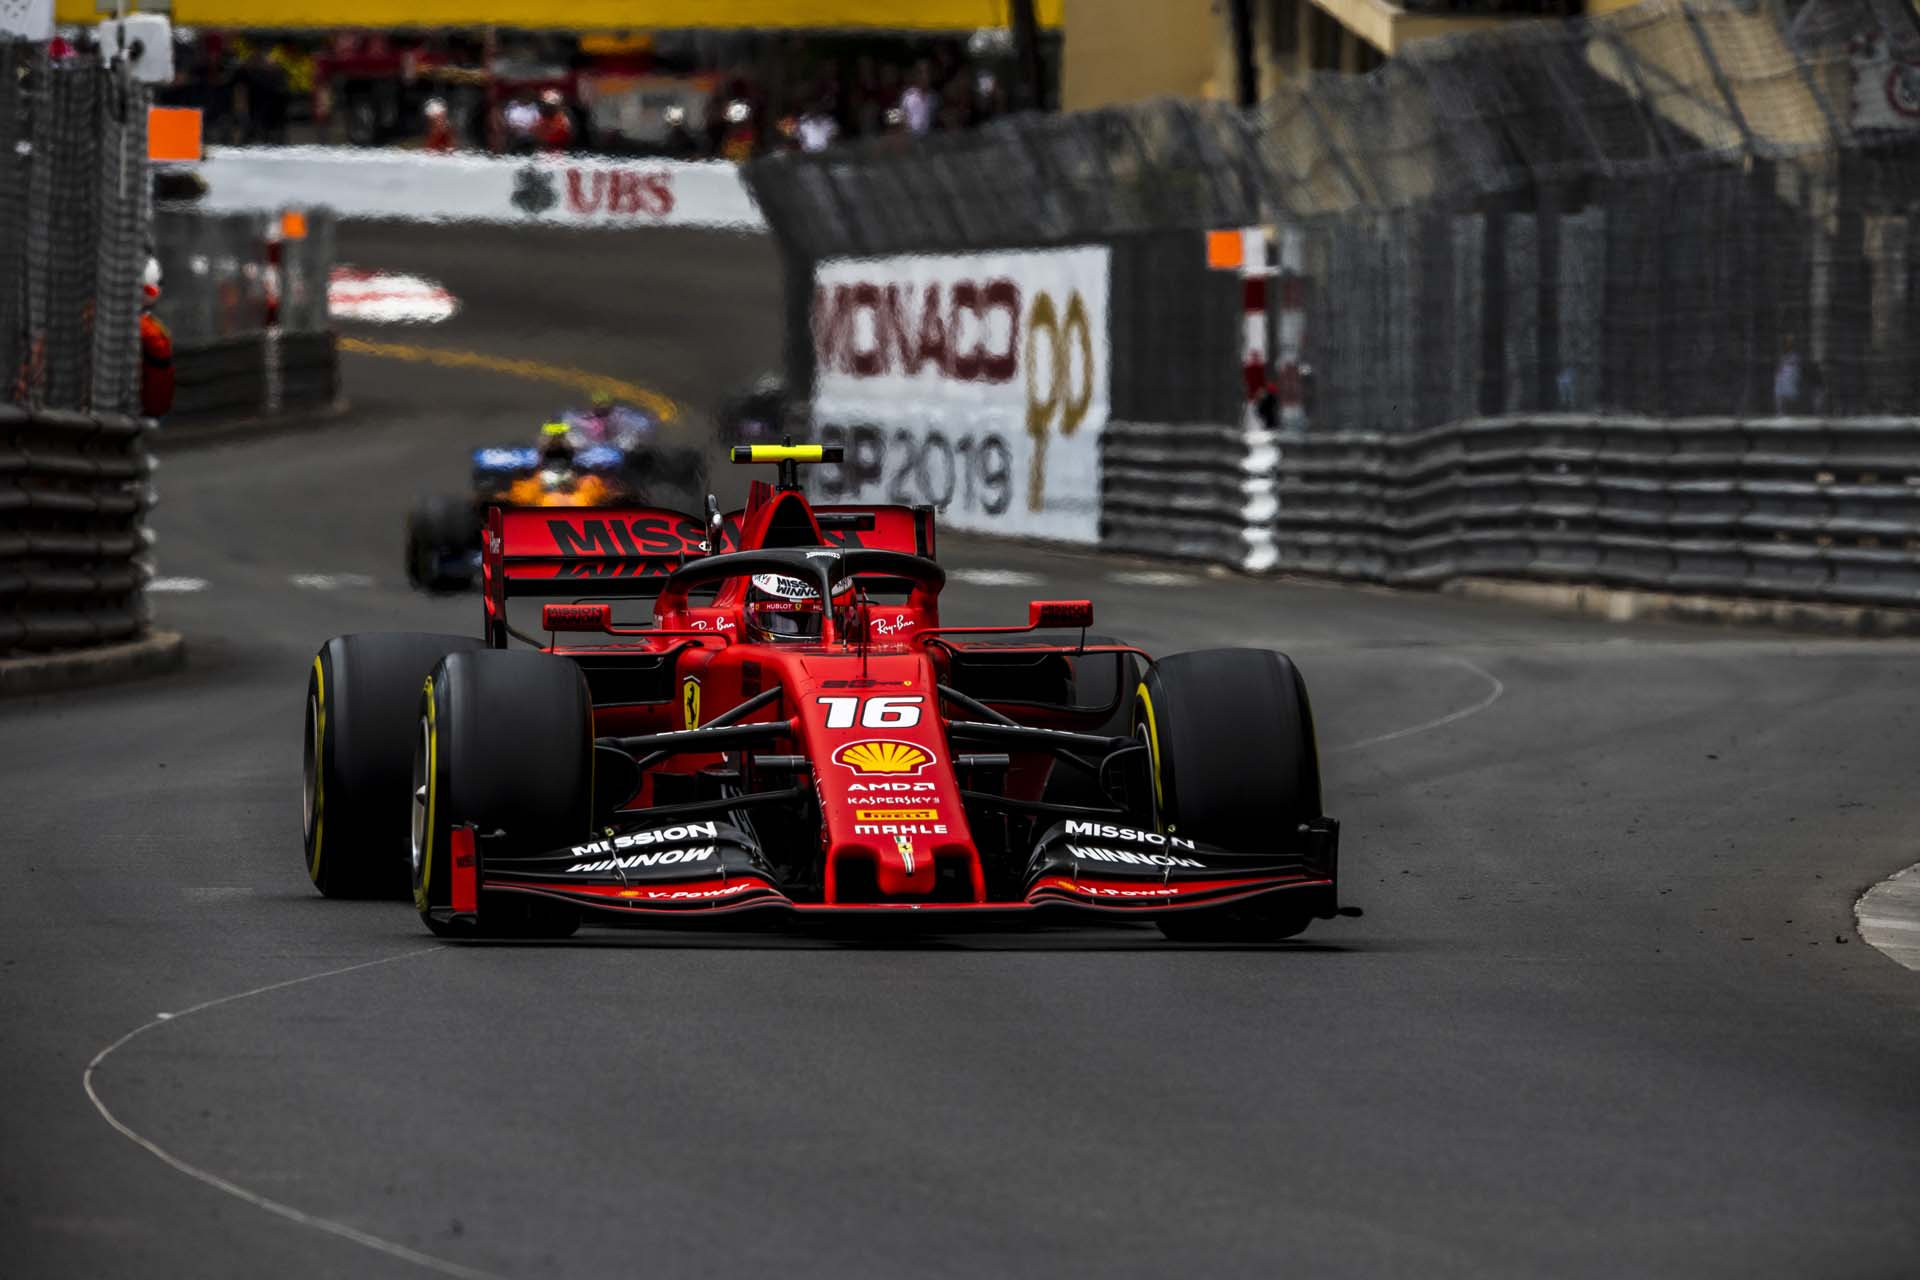 MonacoGP2019_SUN_Ferrari_190036_monaco